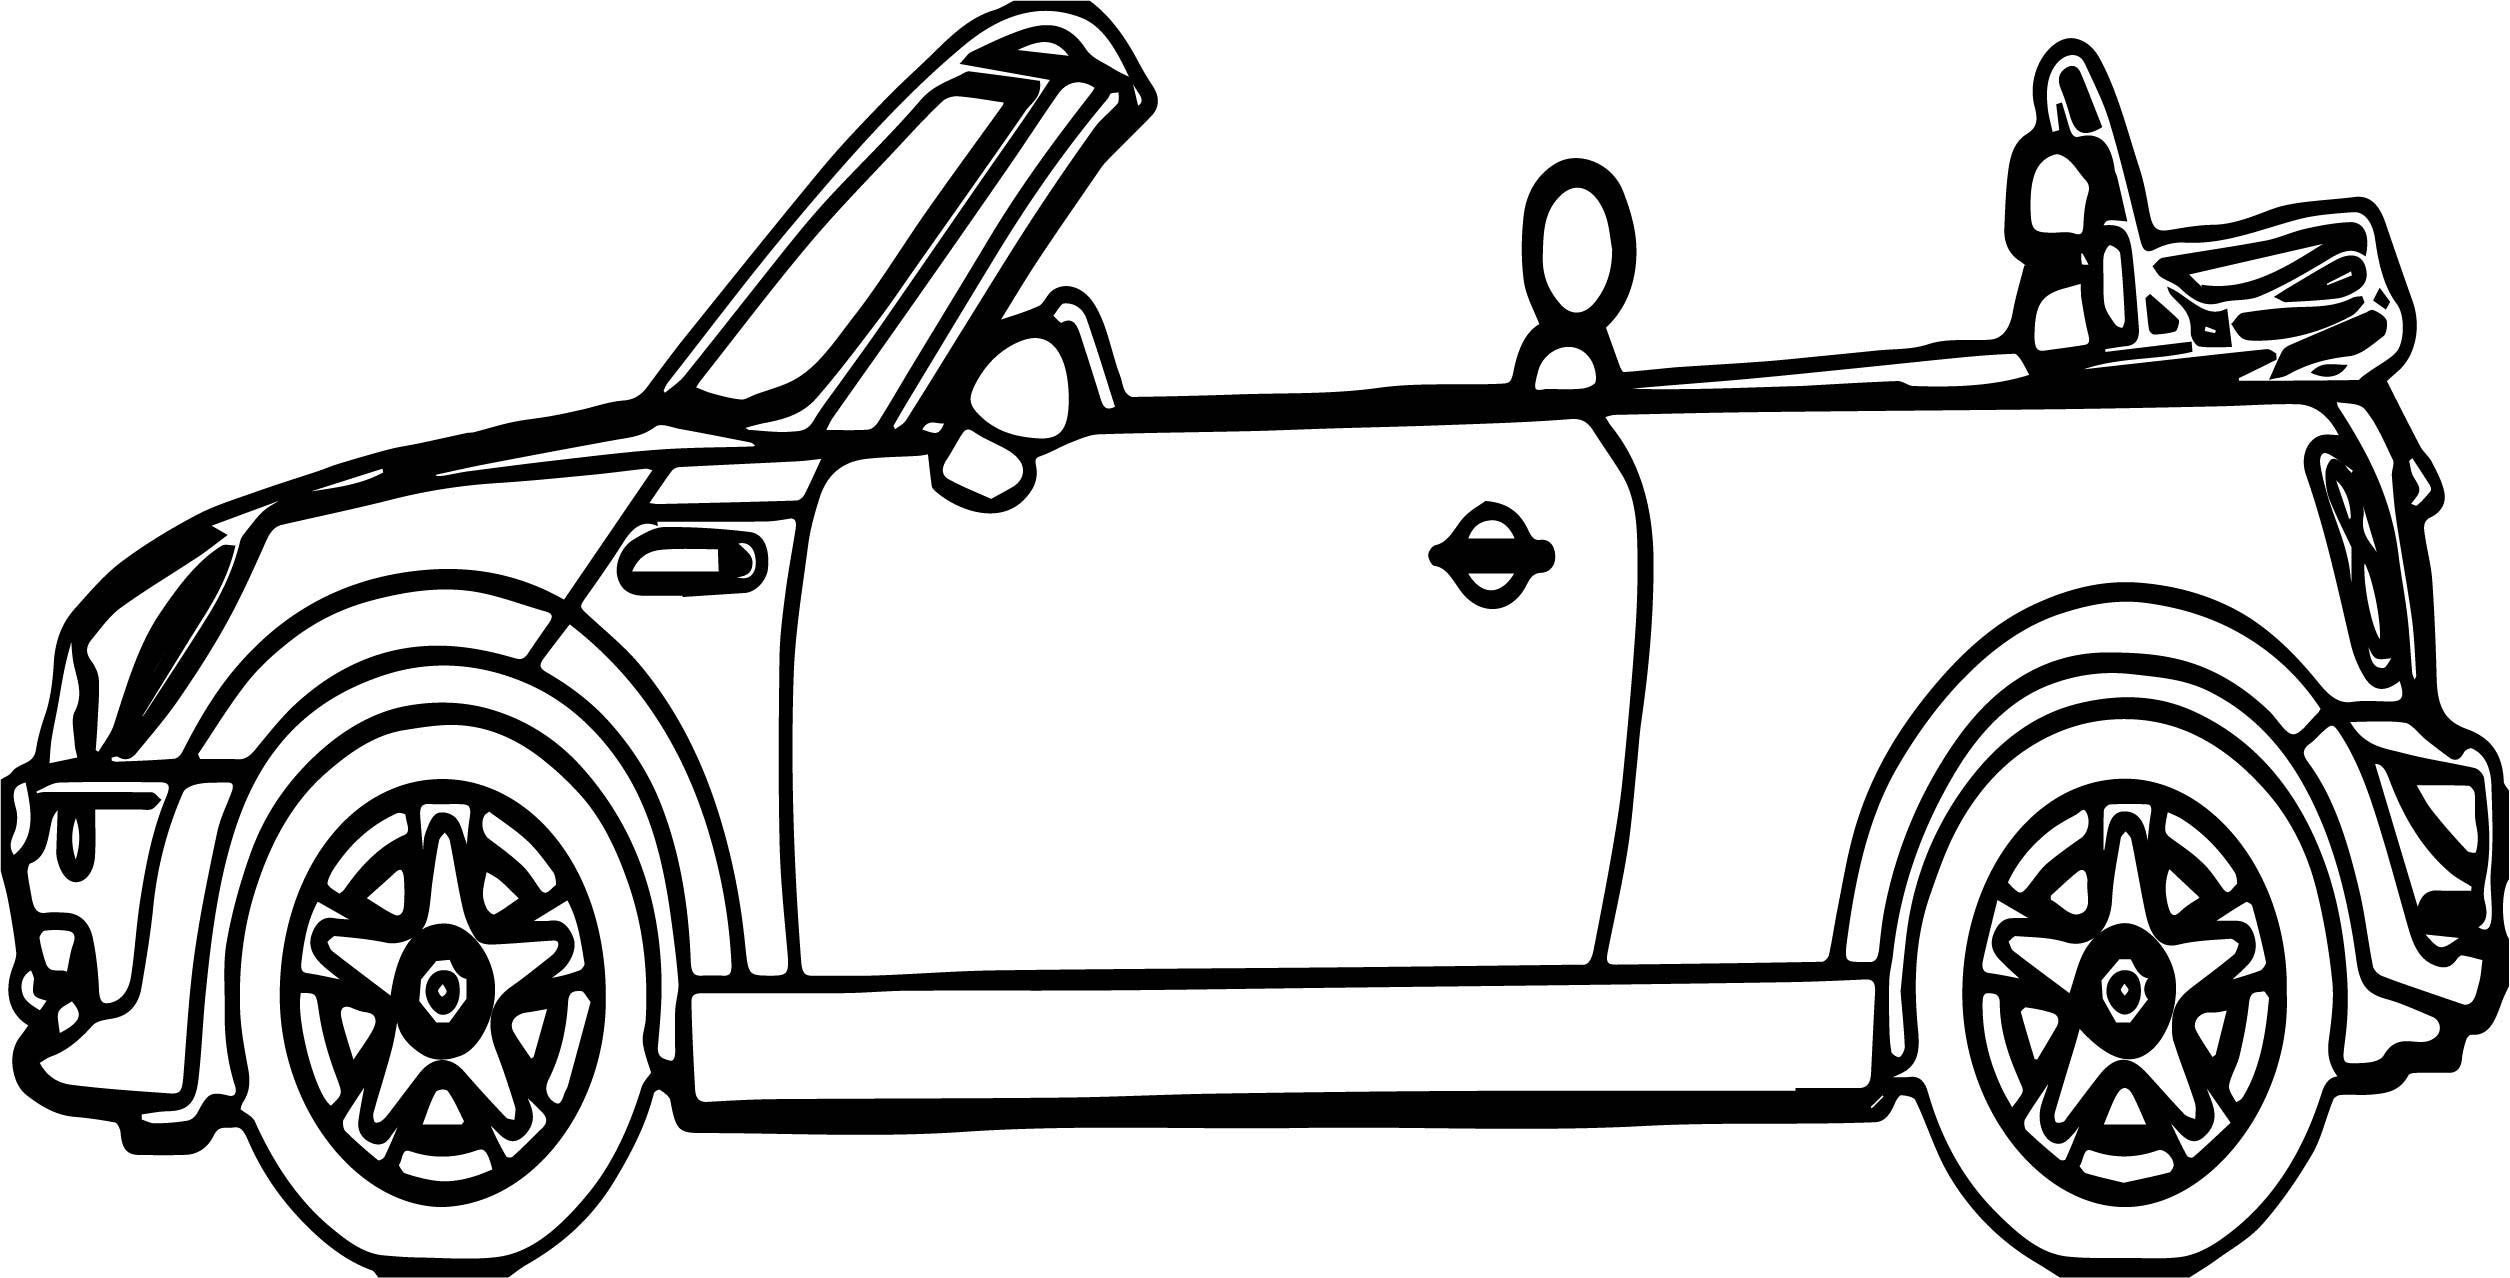 Car Outline